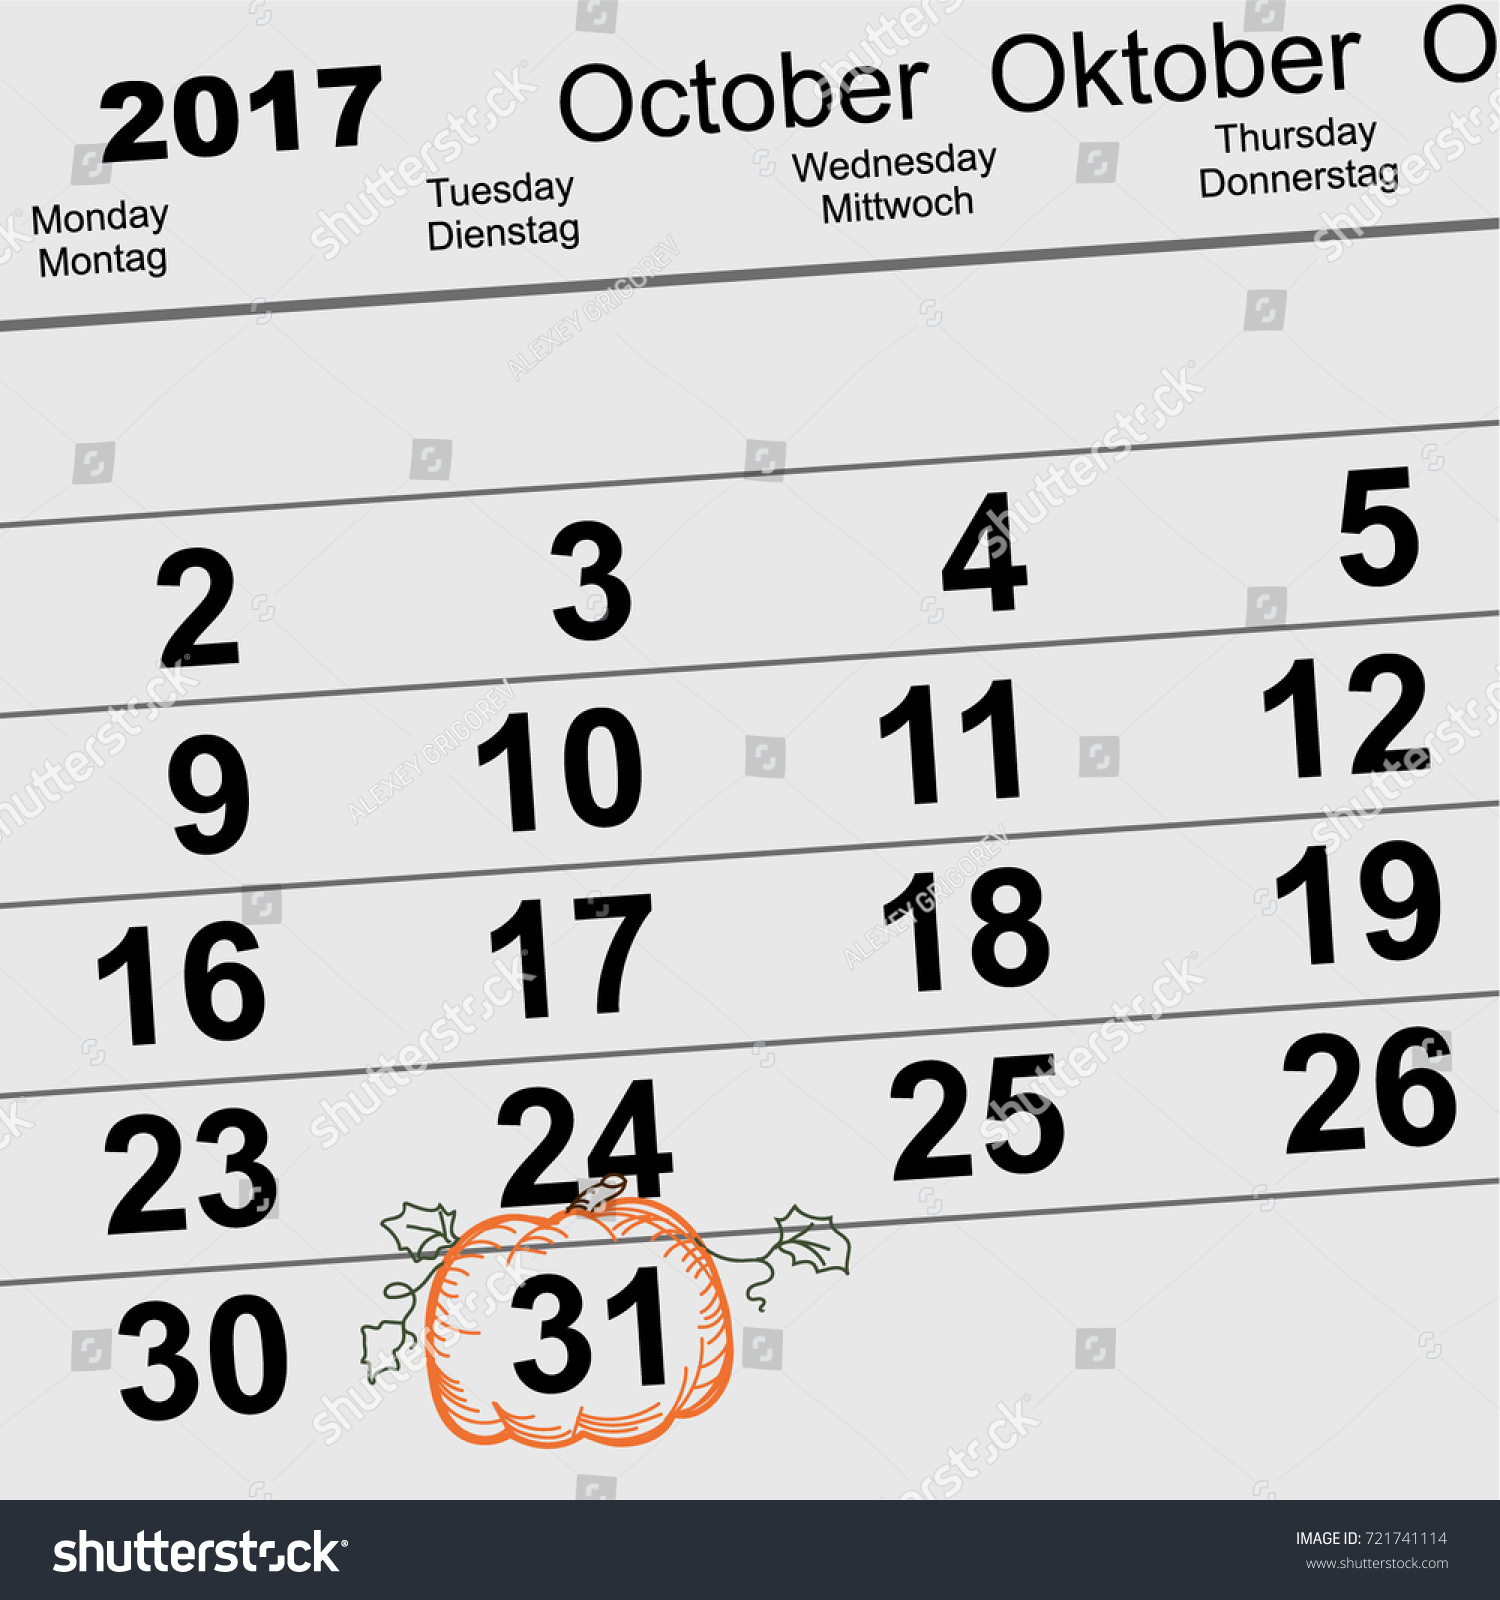 31 October 2017 Halloween Calendar Date Stock Vector 721741114 ...